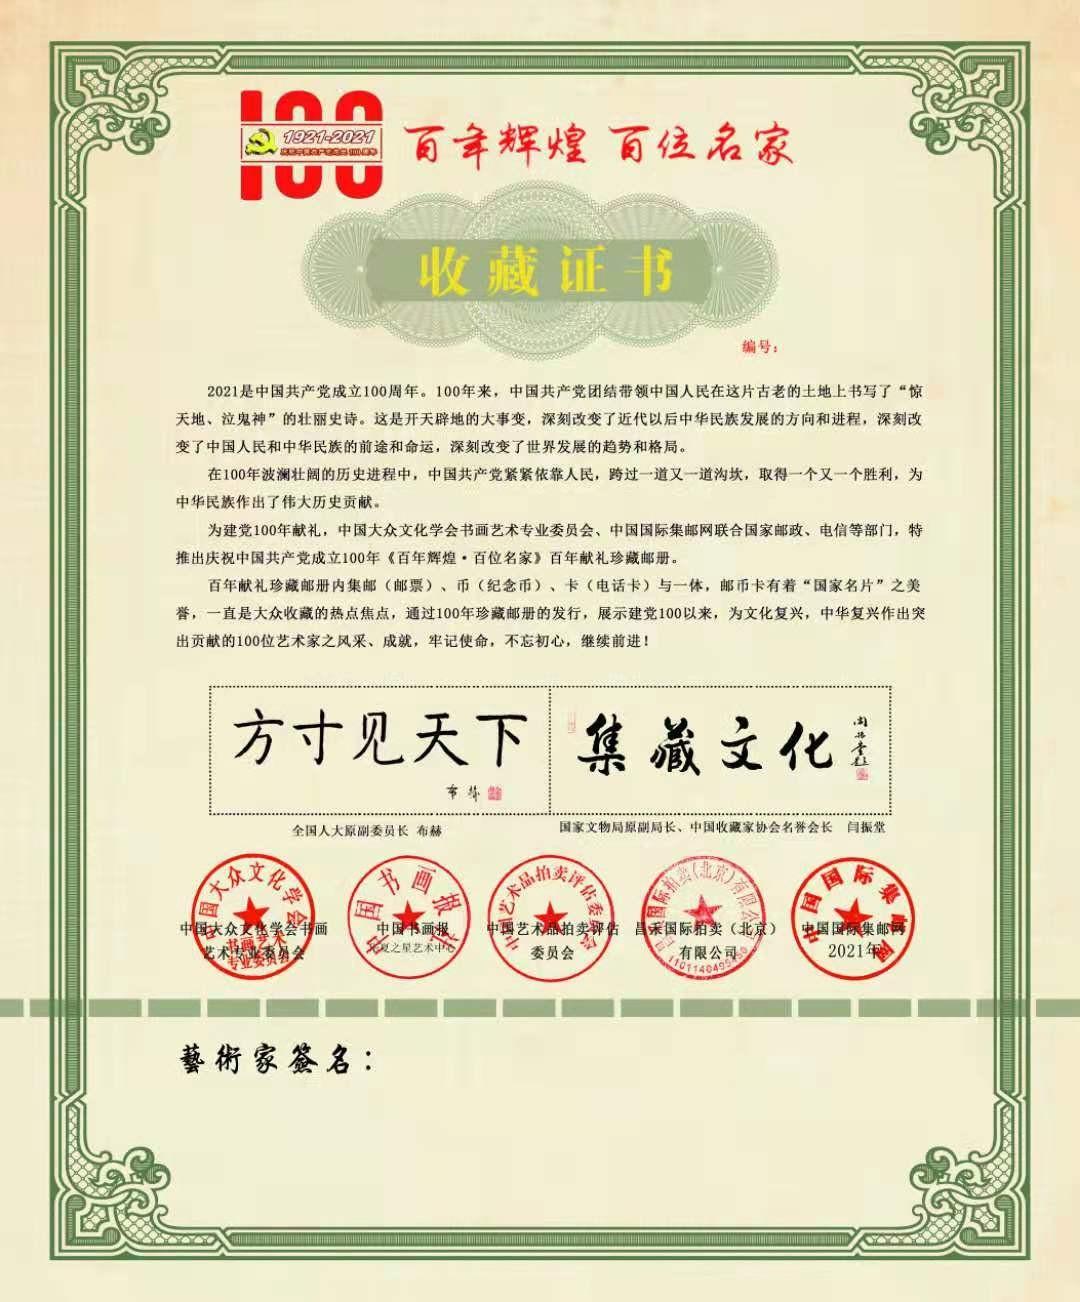 """「歡迎收藏」美国中国书法家协会主席李兆银""""百年辉煌.百位名家""""主題郵品正式出版 .. ..._图1-9"""